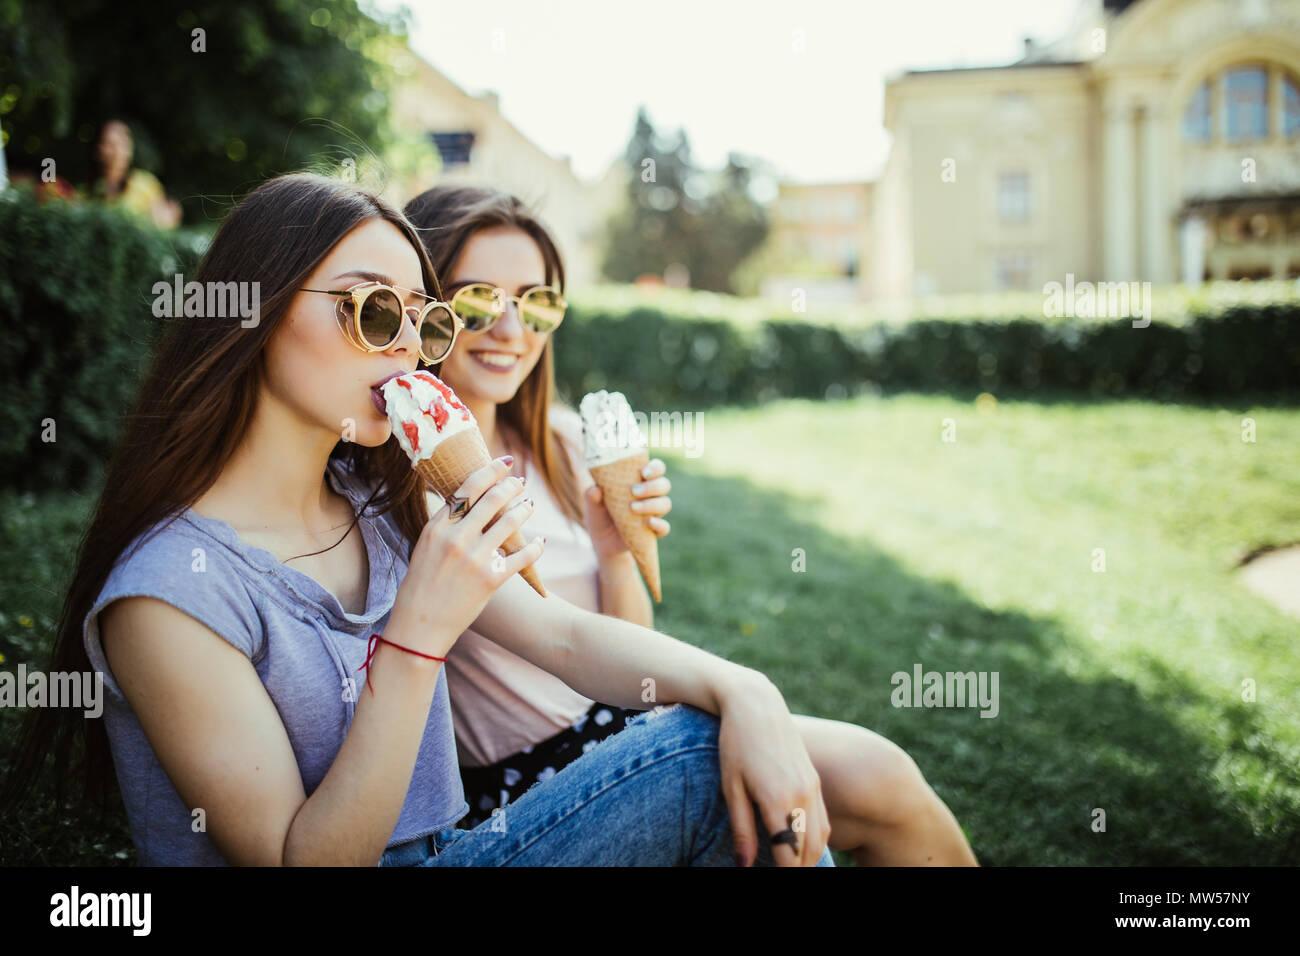 Deux jeunes femmes amis manger une glace assis sur l'herbe dans les rues de la ville Photo Stock